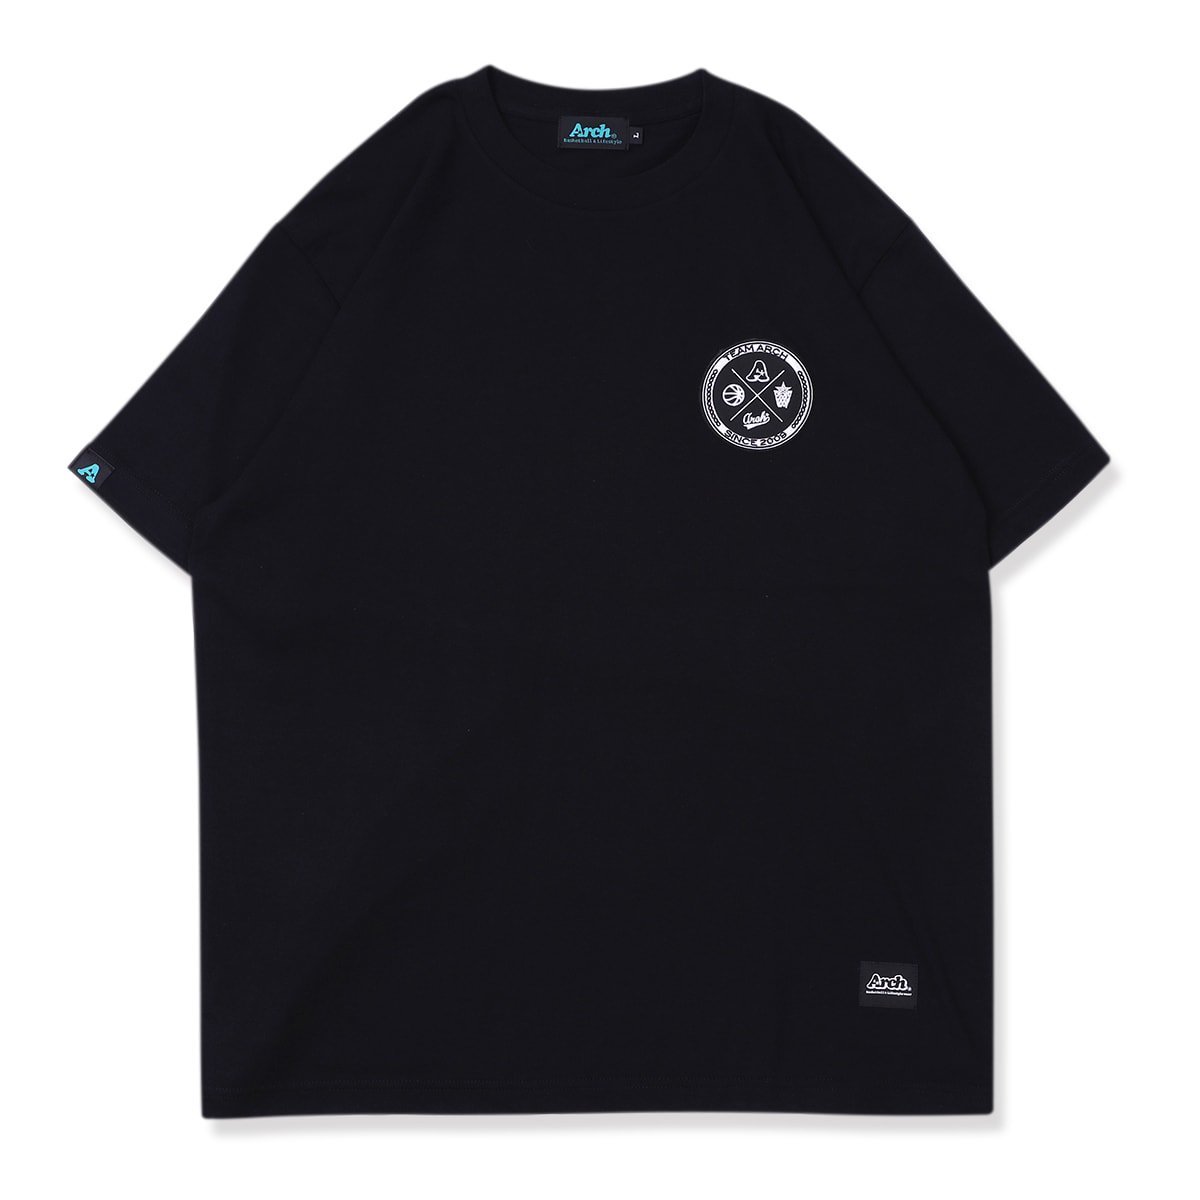 バスケ アーチ チームアーチパッチド Tシャツ ブラック